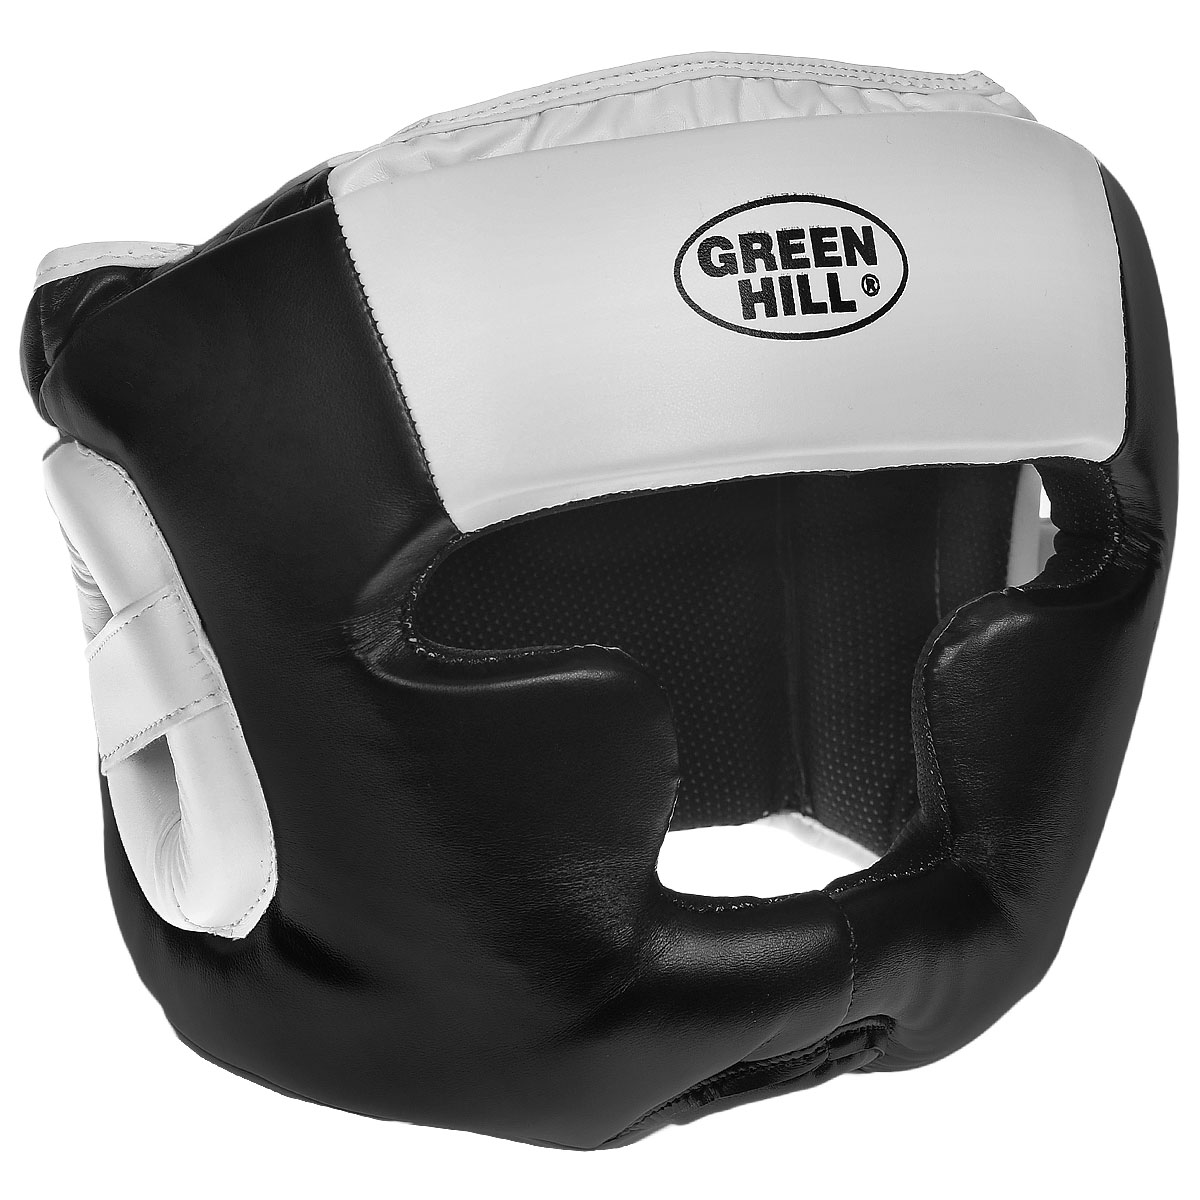 Шлем тренировочный Green Hill Poise, цвет: черный, белый. Размер XL (61-63 см)HGP-9015Тренировочный шлем Green Hill Poise предназначен для защиты головы от повреждений во время занятий боксом и кикбоксингом. Выполнен из высококачественной искусственной кожи с плотным наполнителем внутри, внутренняя поверхность отделана тканевой пористой подкладкой. Шлем имеет усиленную защиту в области ушей, скул, подбородка и темени. Застежки-липучки на затылке крепко удерживают шлем на голове. Крепления регулируемые в ширину и по высоте, благодаря чему шлем можно подогнать четко под свой размер. Обеспечивает достаточную защиту и обзор во время поединка.